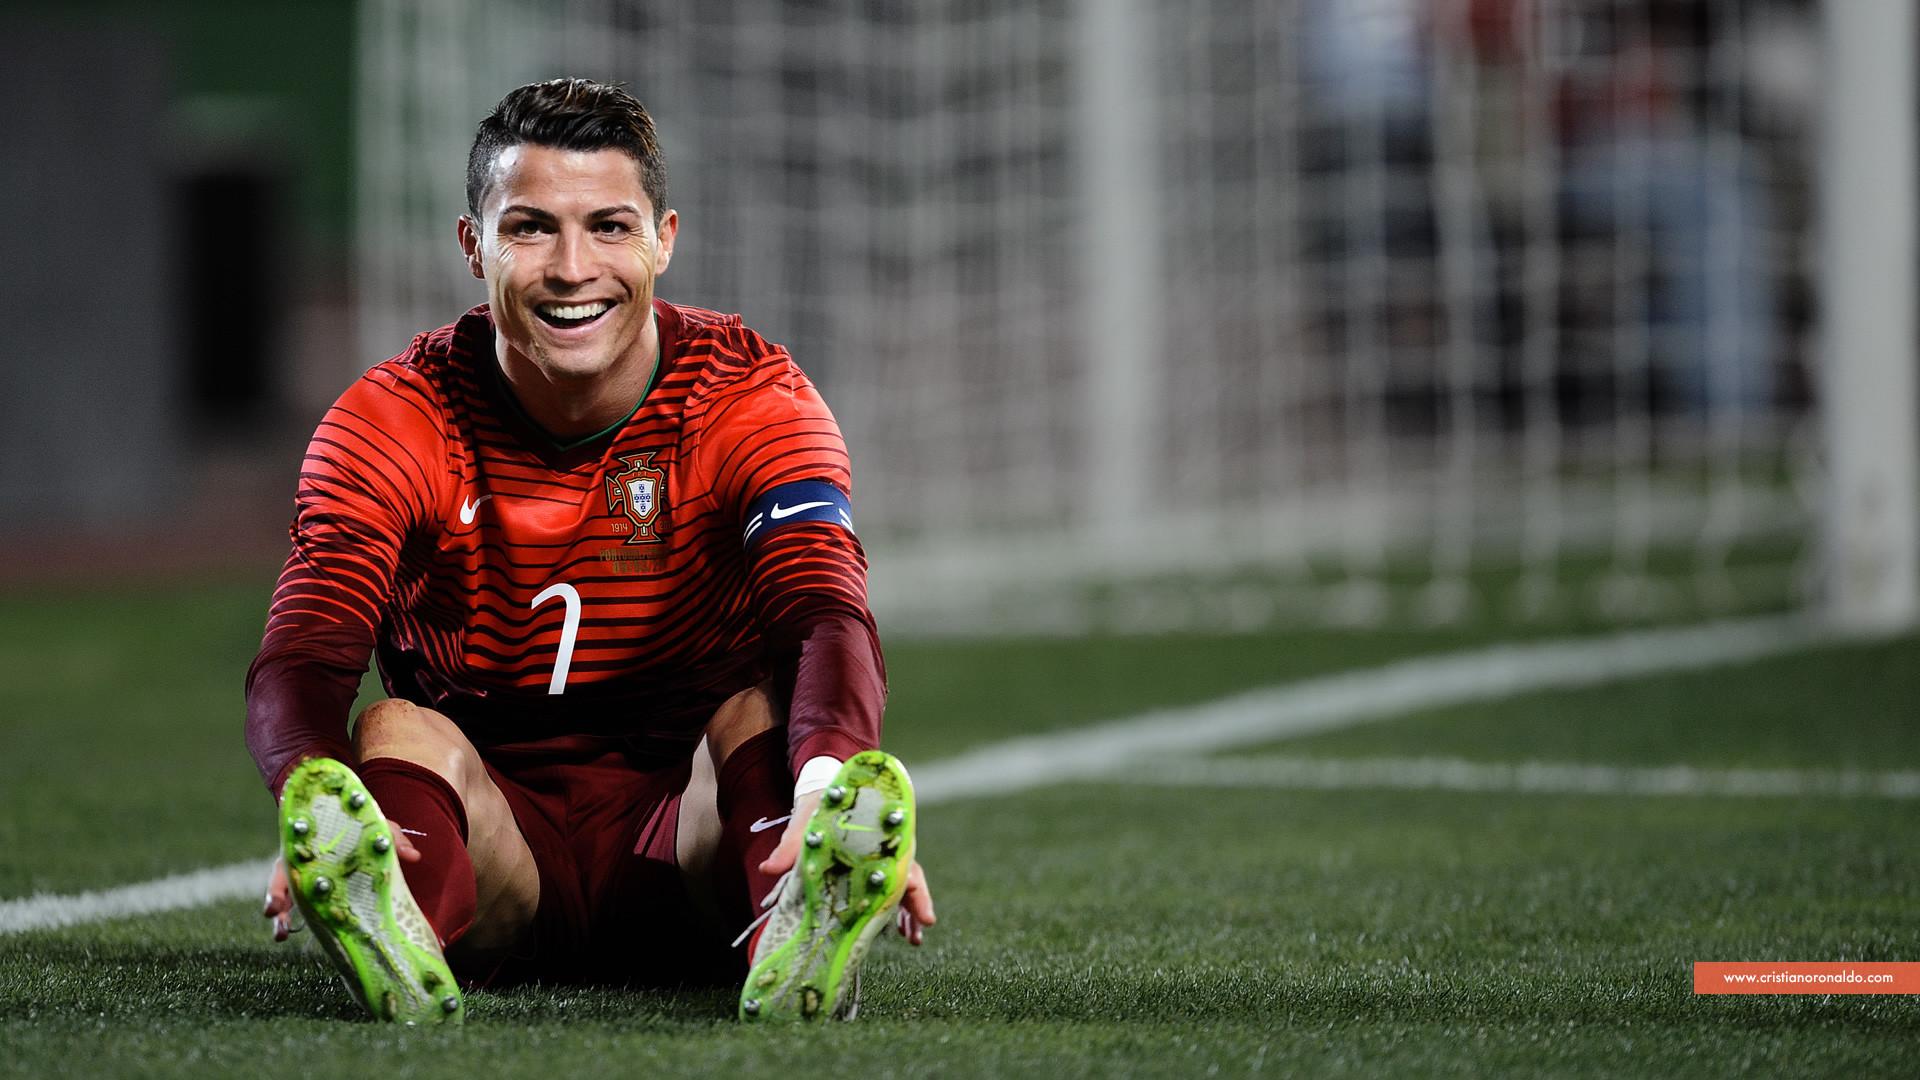 Cristiano Ronaldo Wallpaper 2018 Nike 61 Pictures